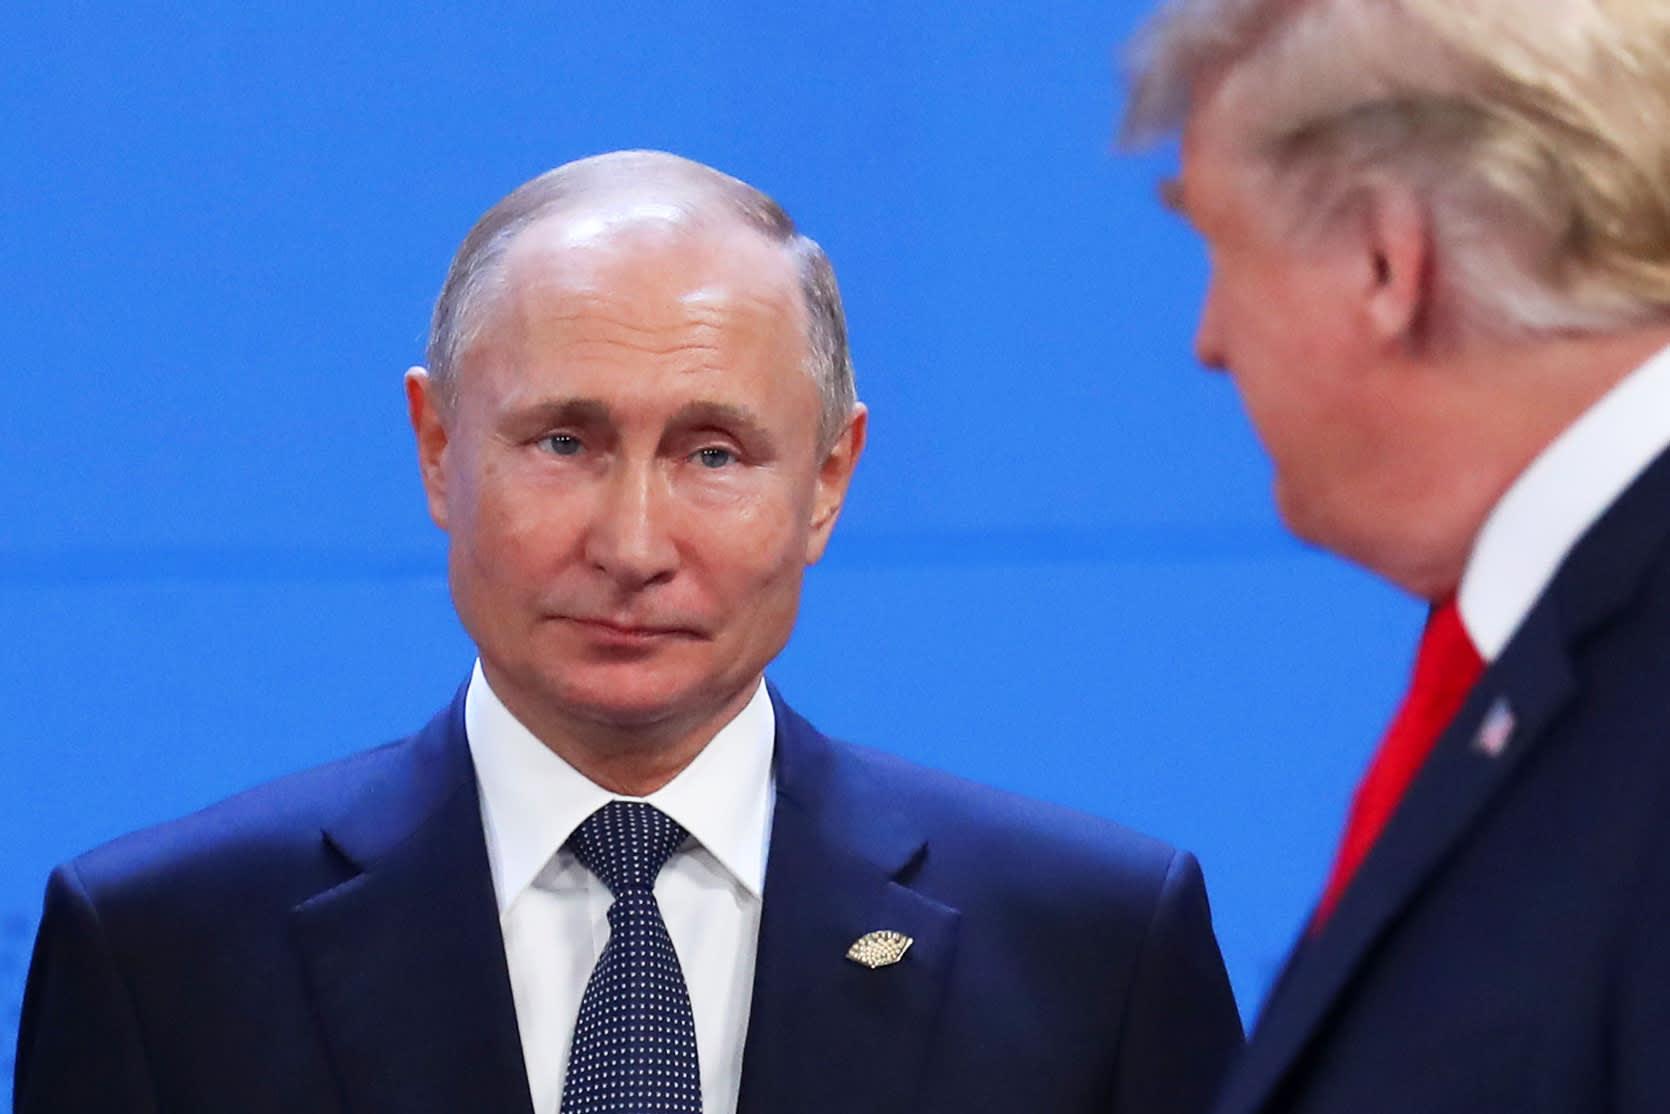 RT: Donald Trump and Vladimir Putin at G20 181130